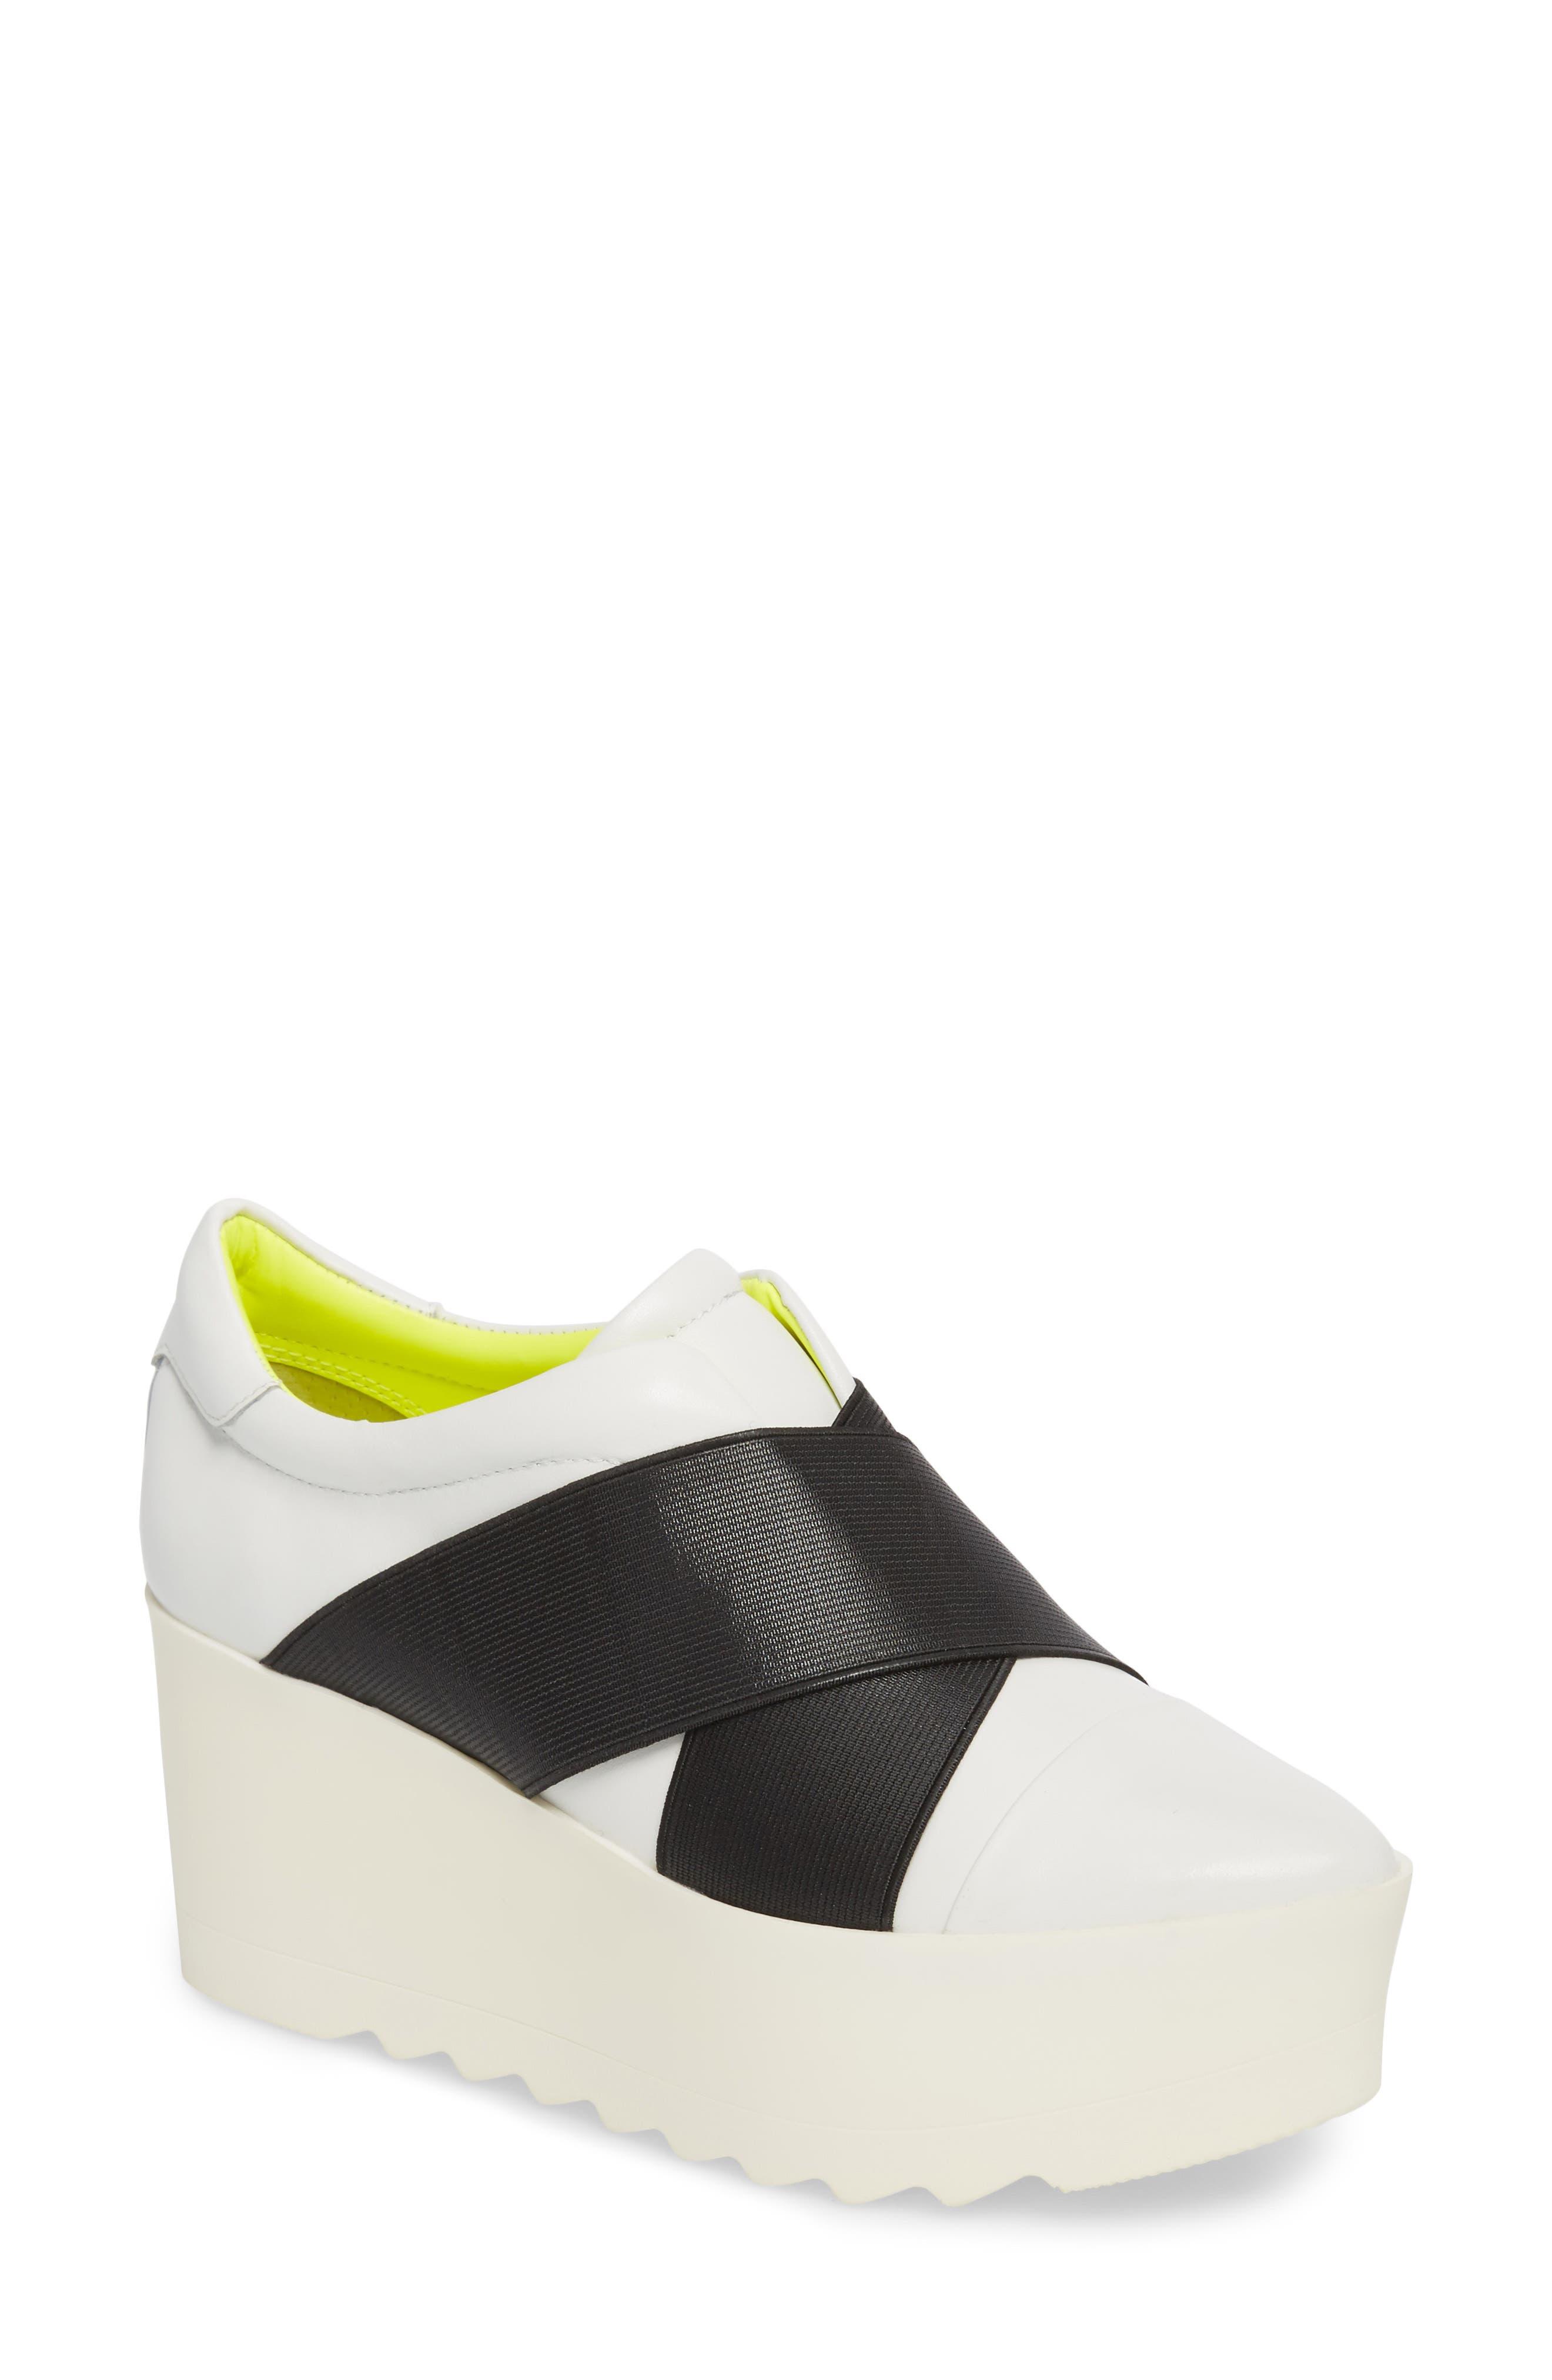 Tasha Platform Slip-On Sneaker,                         Main,                         color, White Leather